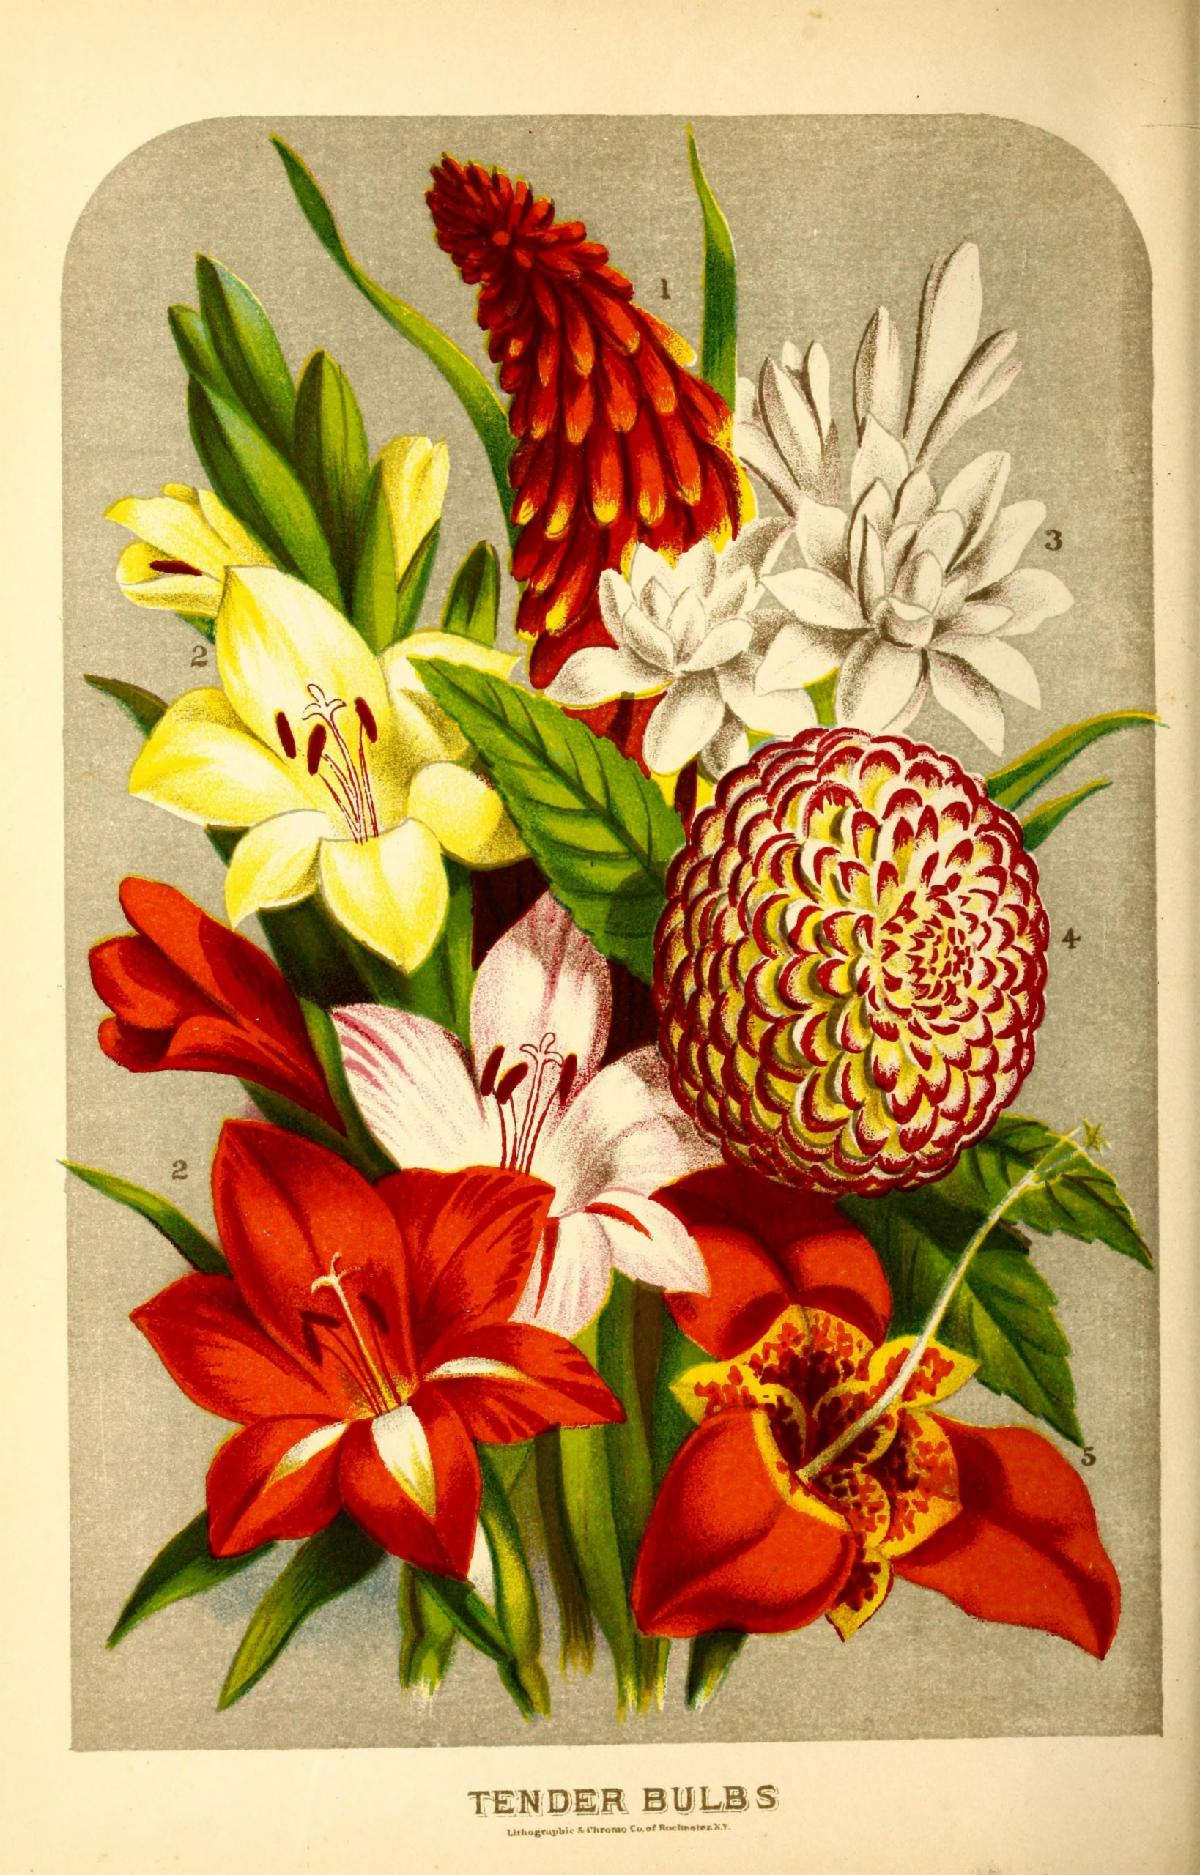 Flowers including Tender Bulbs: Tritoma uvaria, Gladioli, Tuberose, Dahlia, and Tigridia.